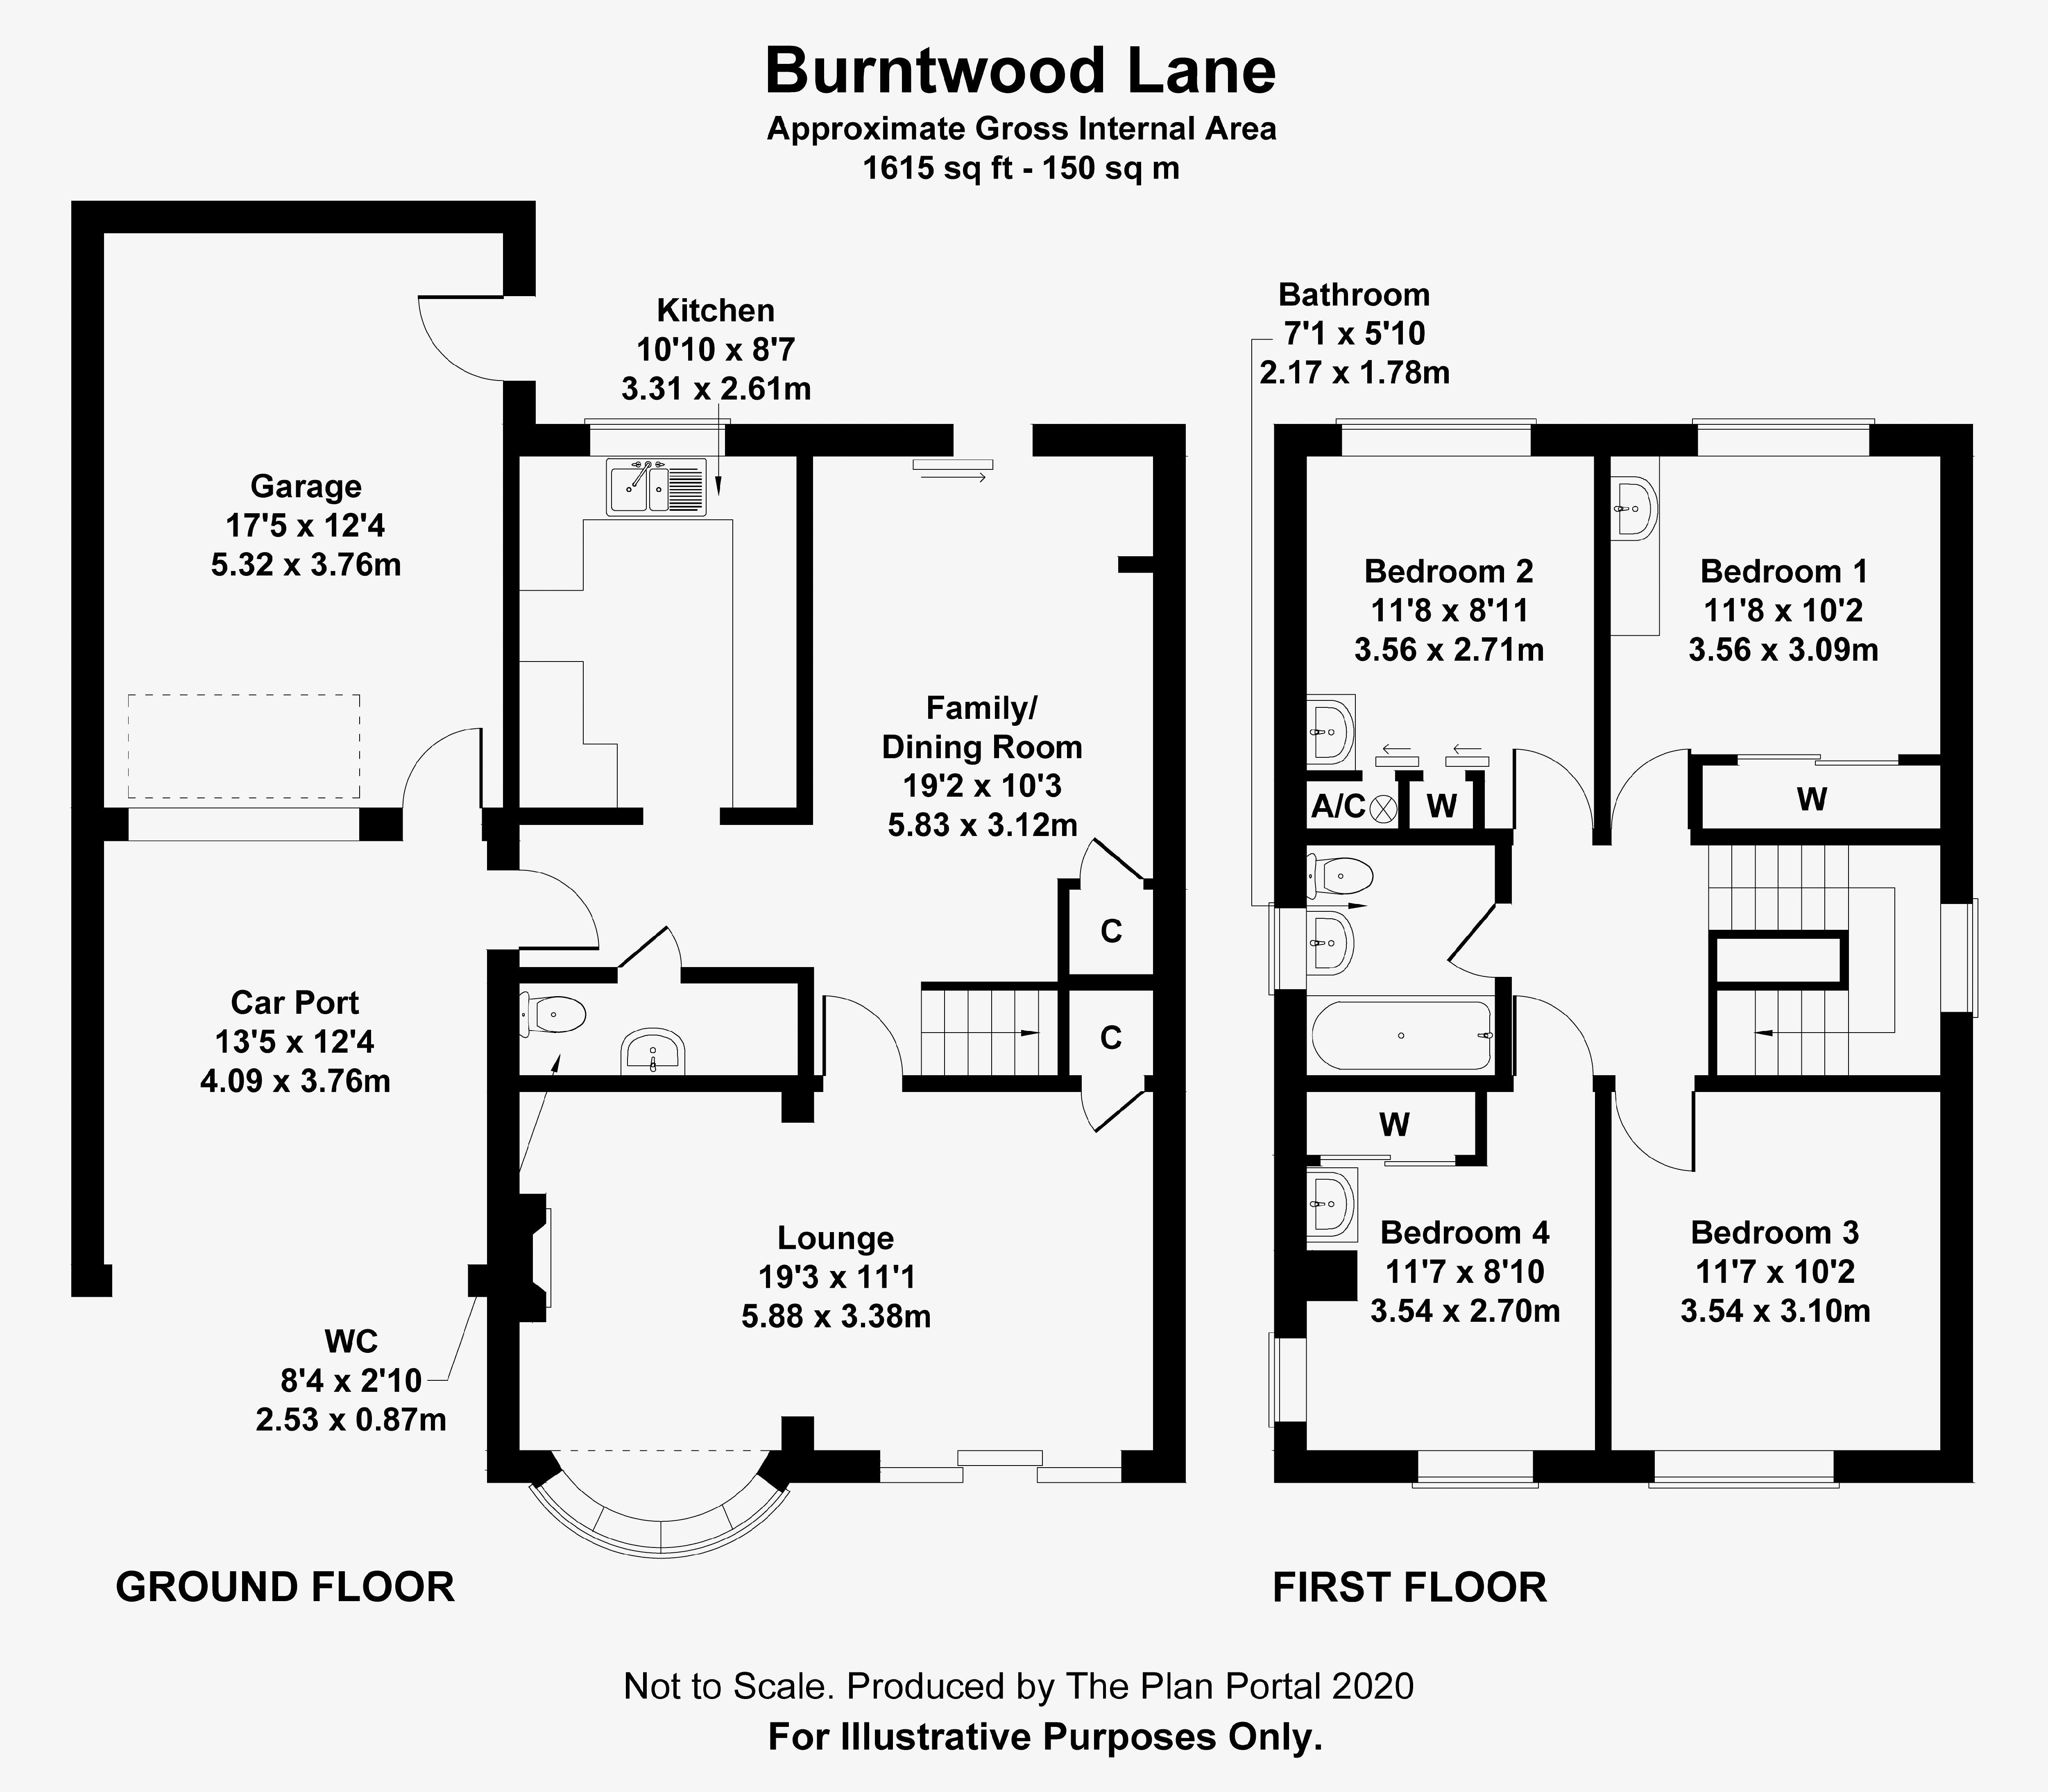 Burntwood Lane